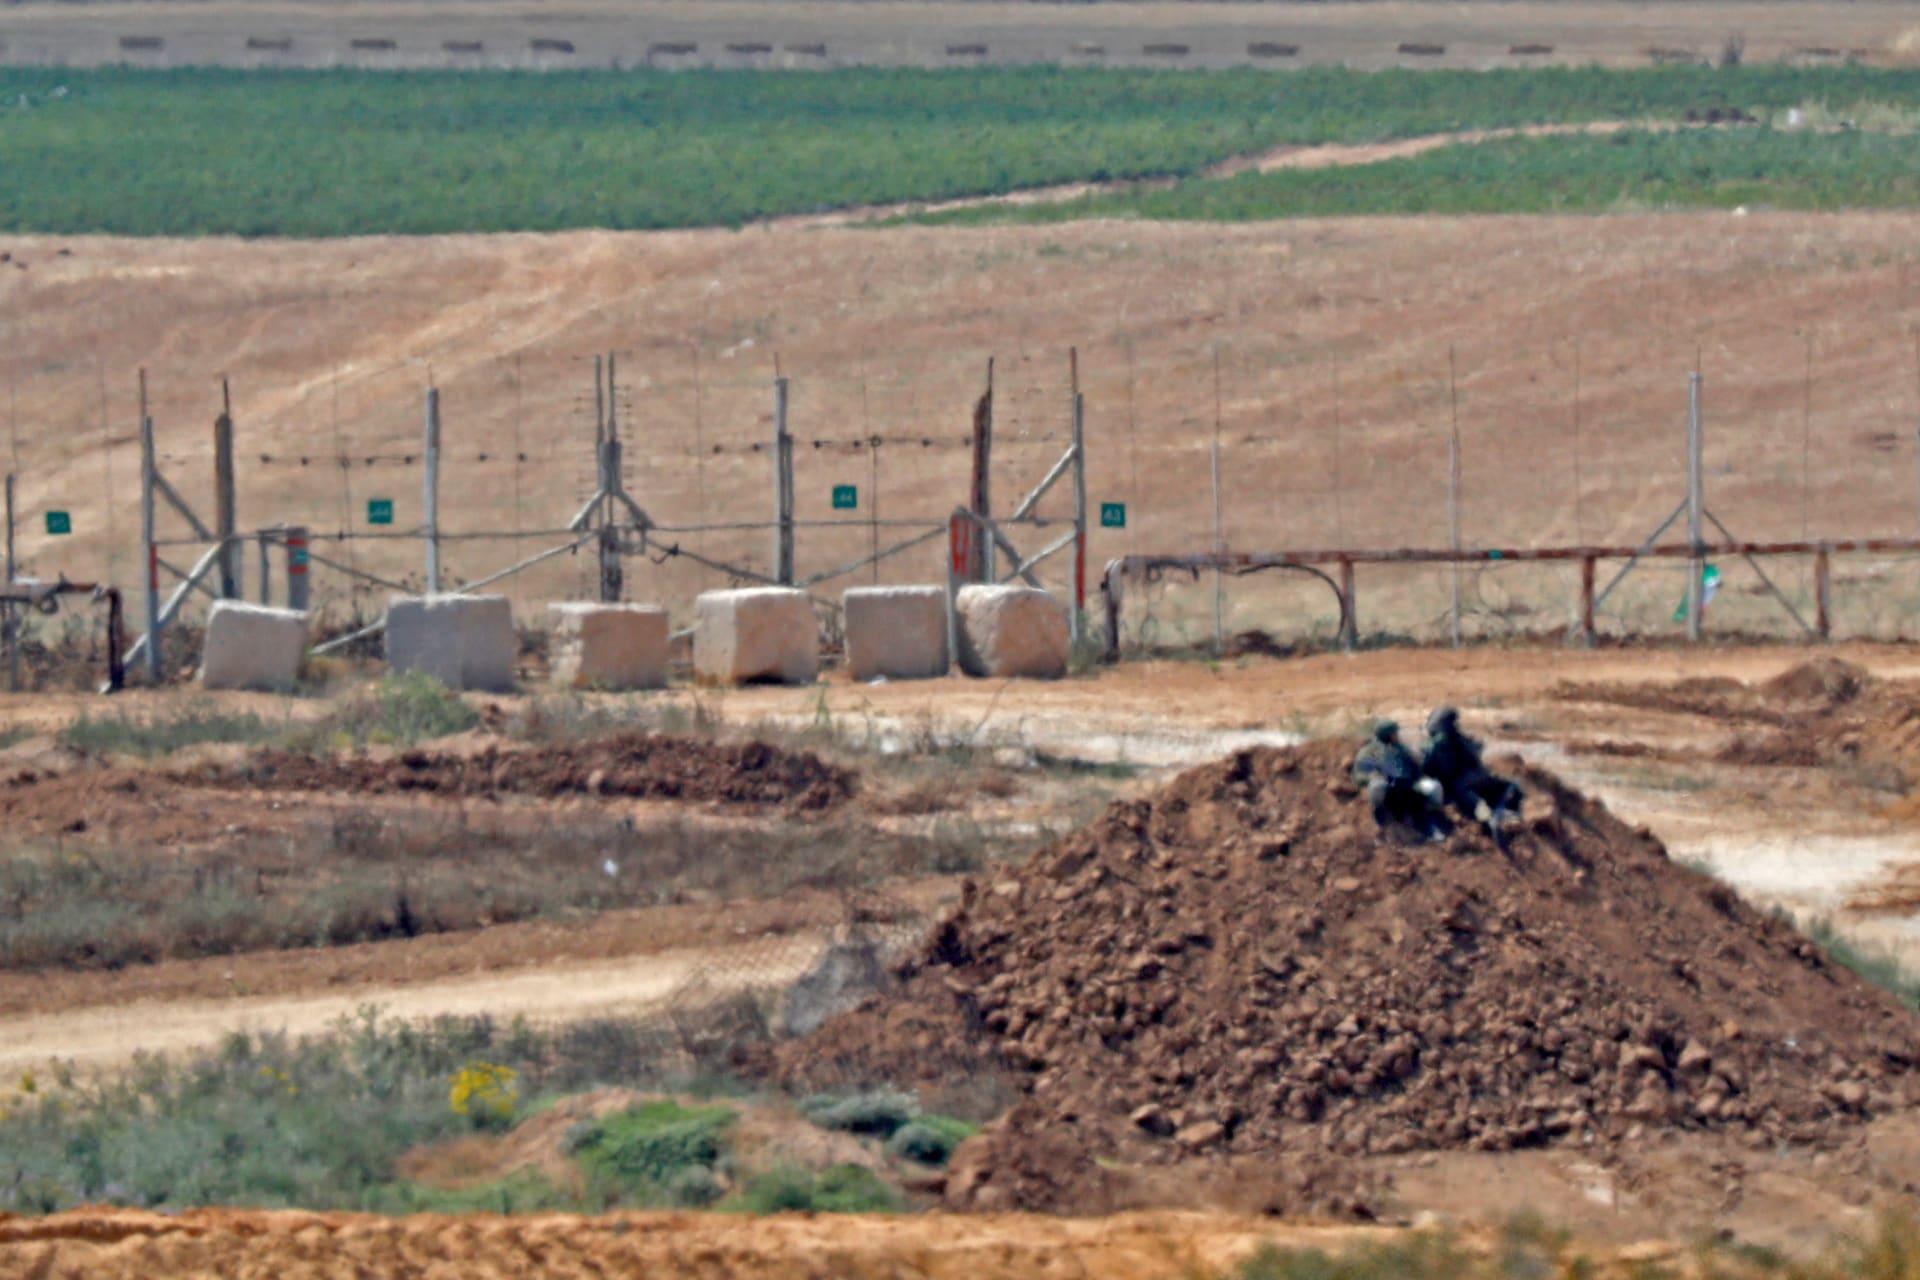 الجيش الإسرائيلي يطلق النار على 3 فلسطينيين بعد عبورهم السياج الأمني من غزة